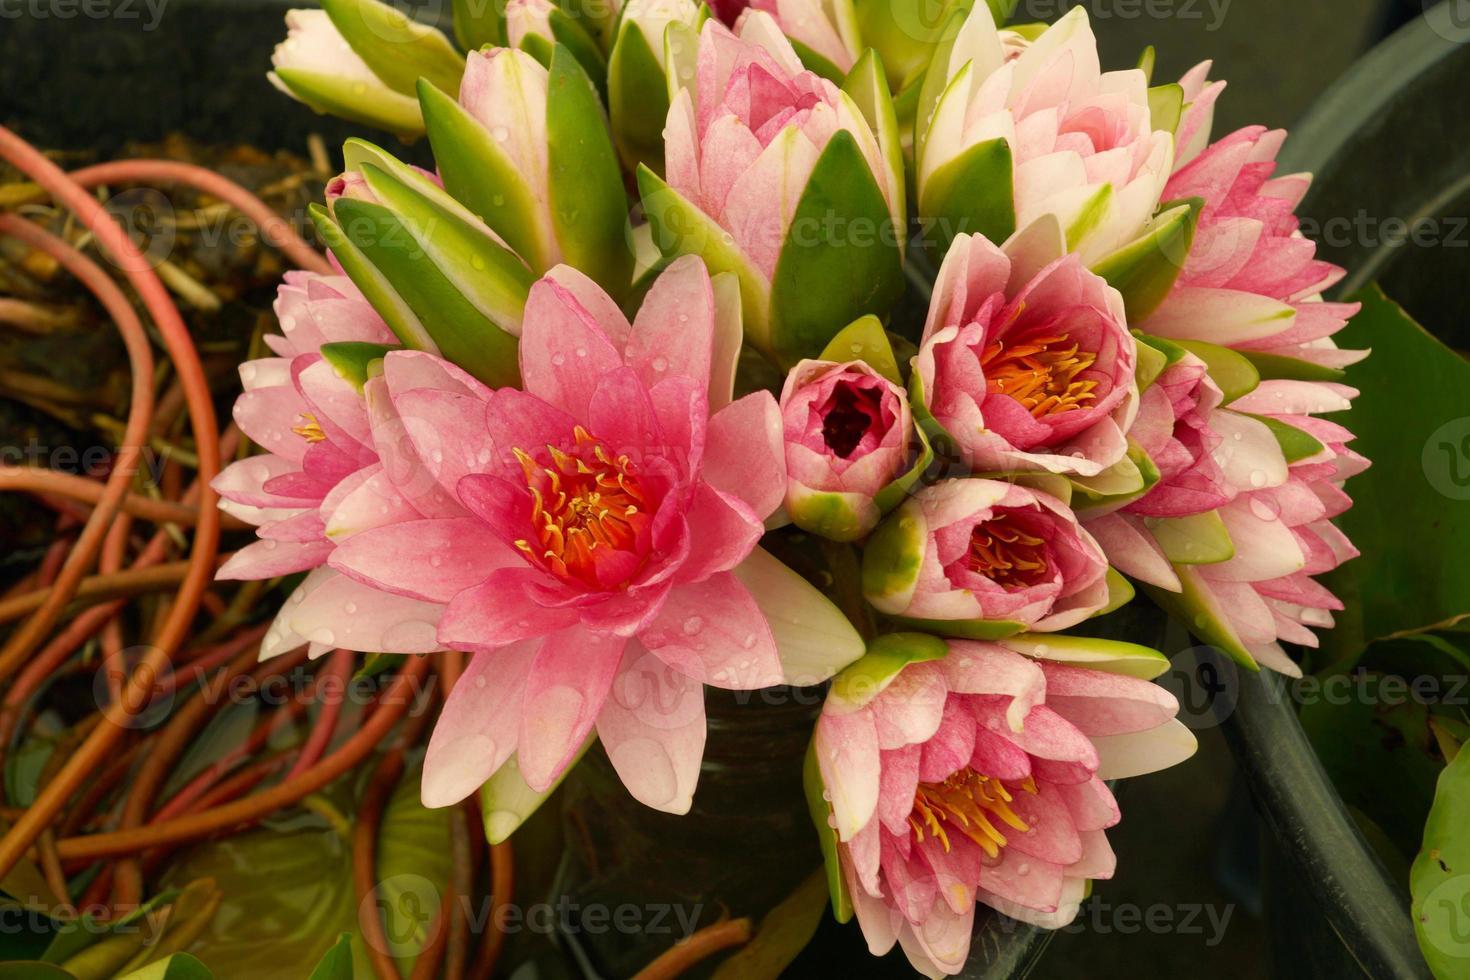 bukett av rosa lotusblomma. foto